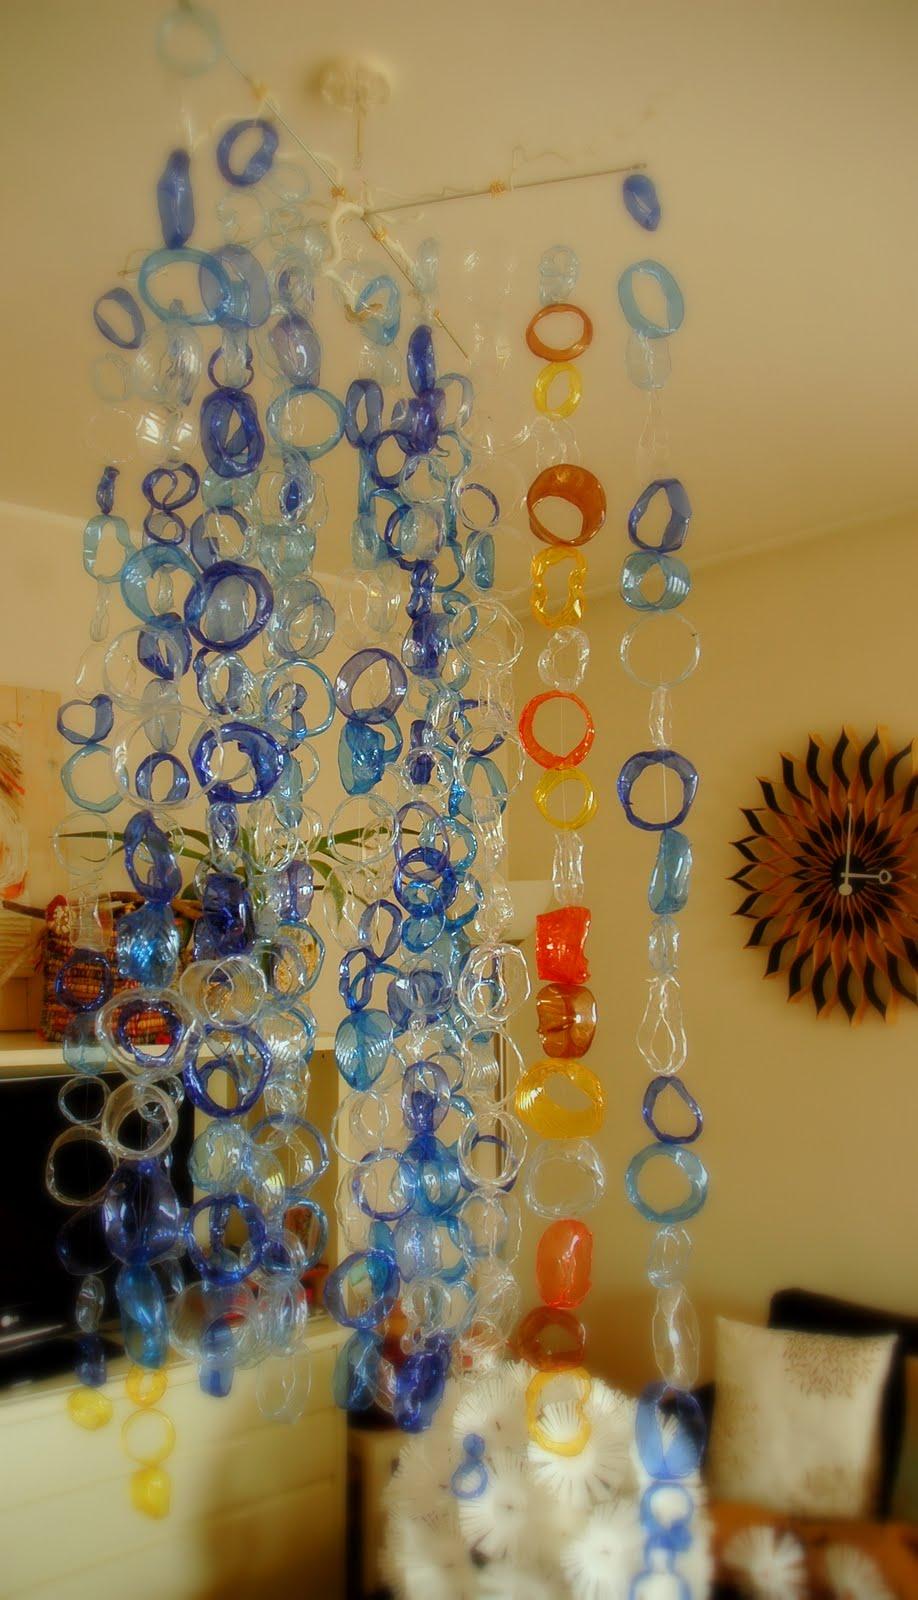 Bricolage Con Bottiglie Di Plastica.Ork Idea Atelier Tutorial Un Mobile Di Cerchi In Plastica Fai Da